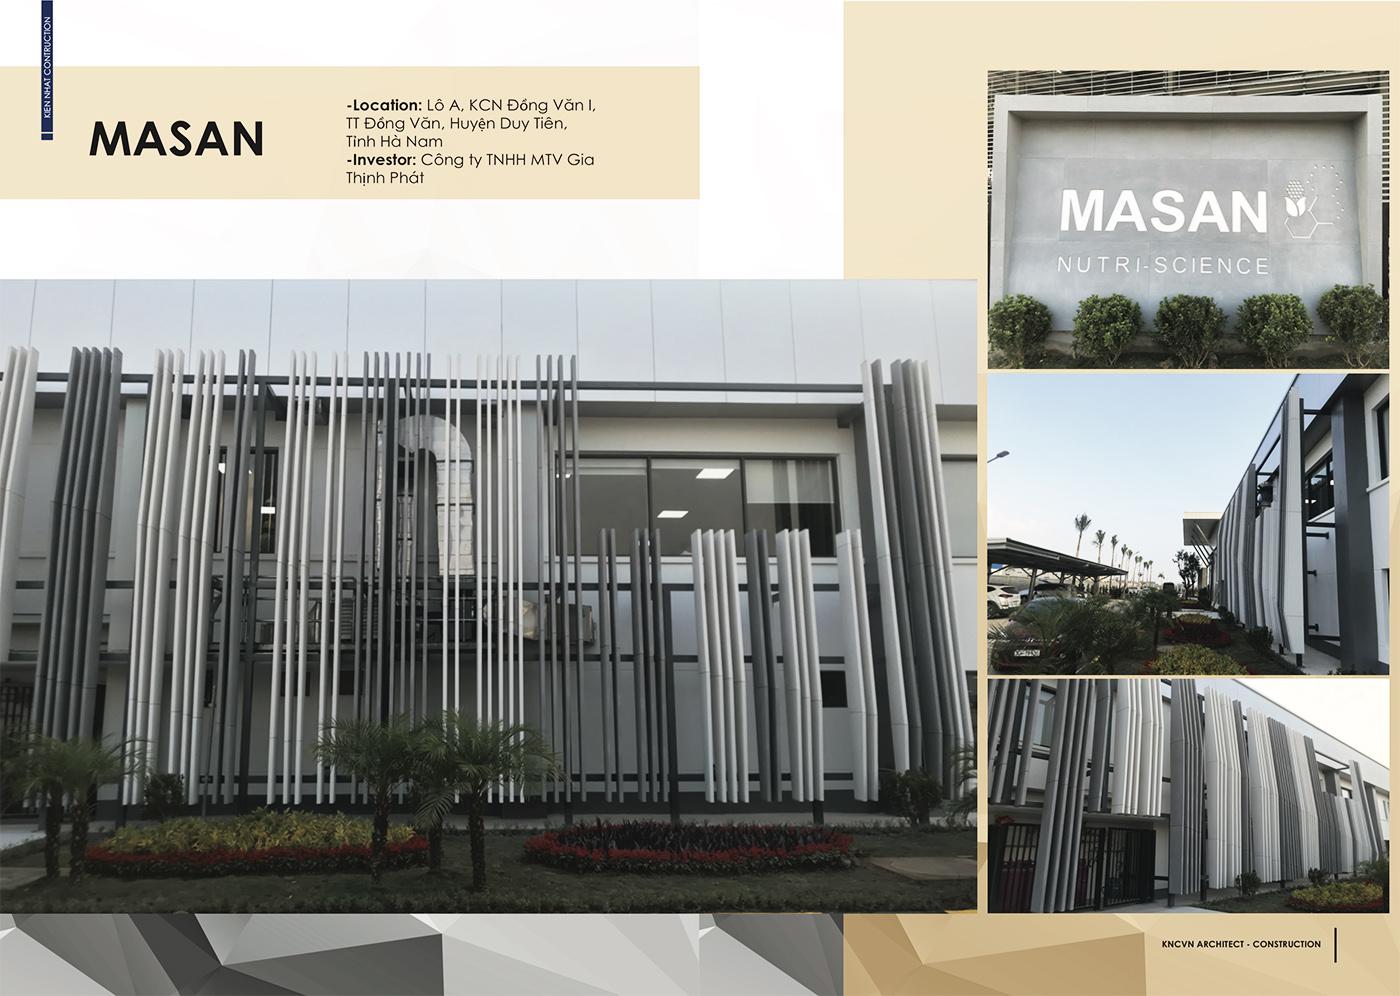 Masan-Ha-Nam-Kncvn-hn